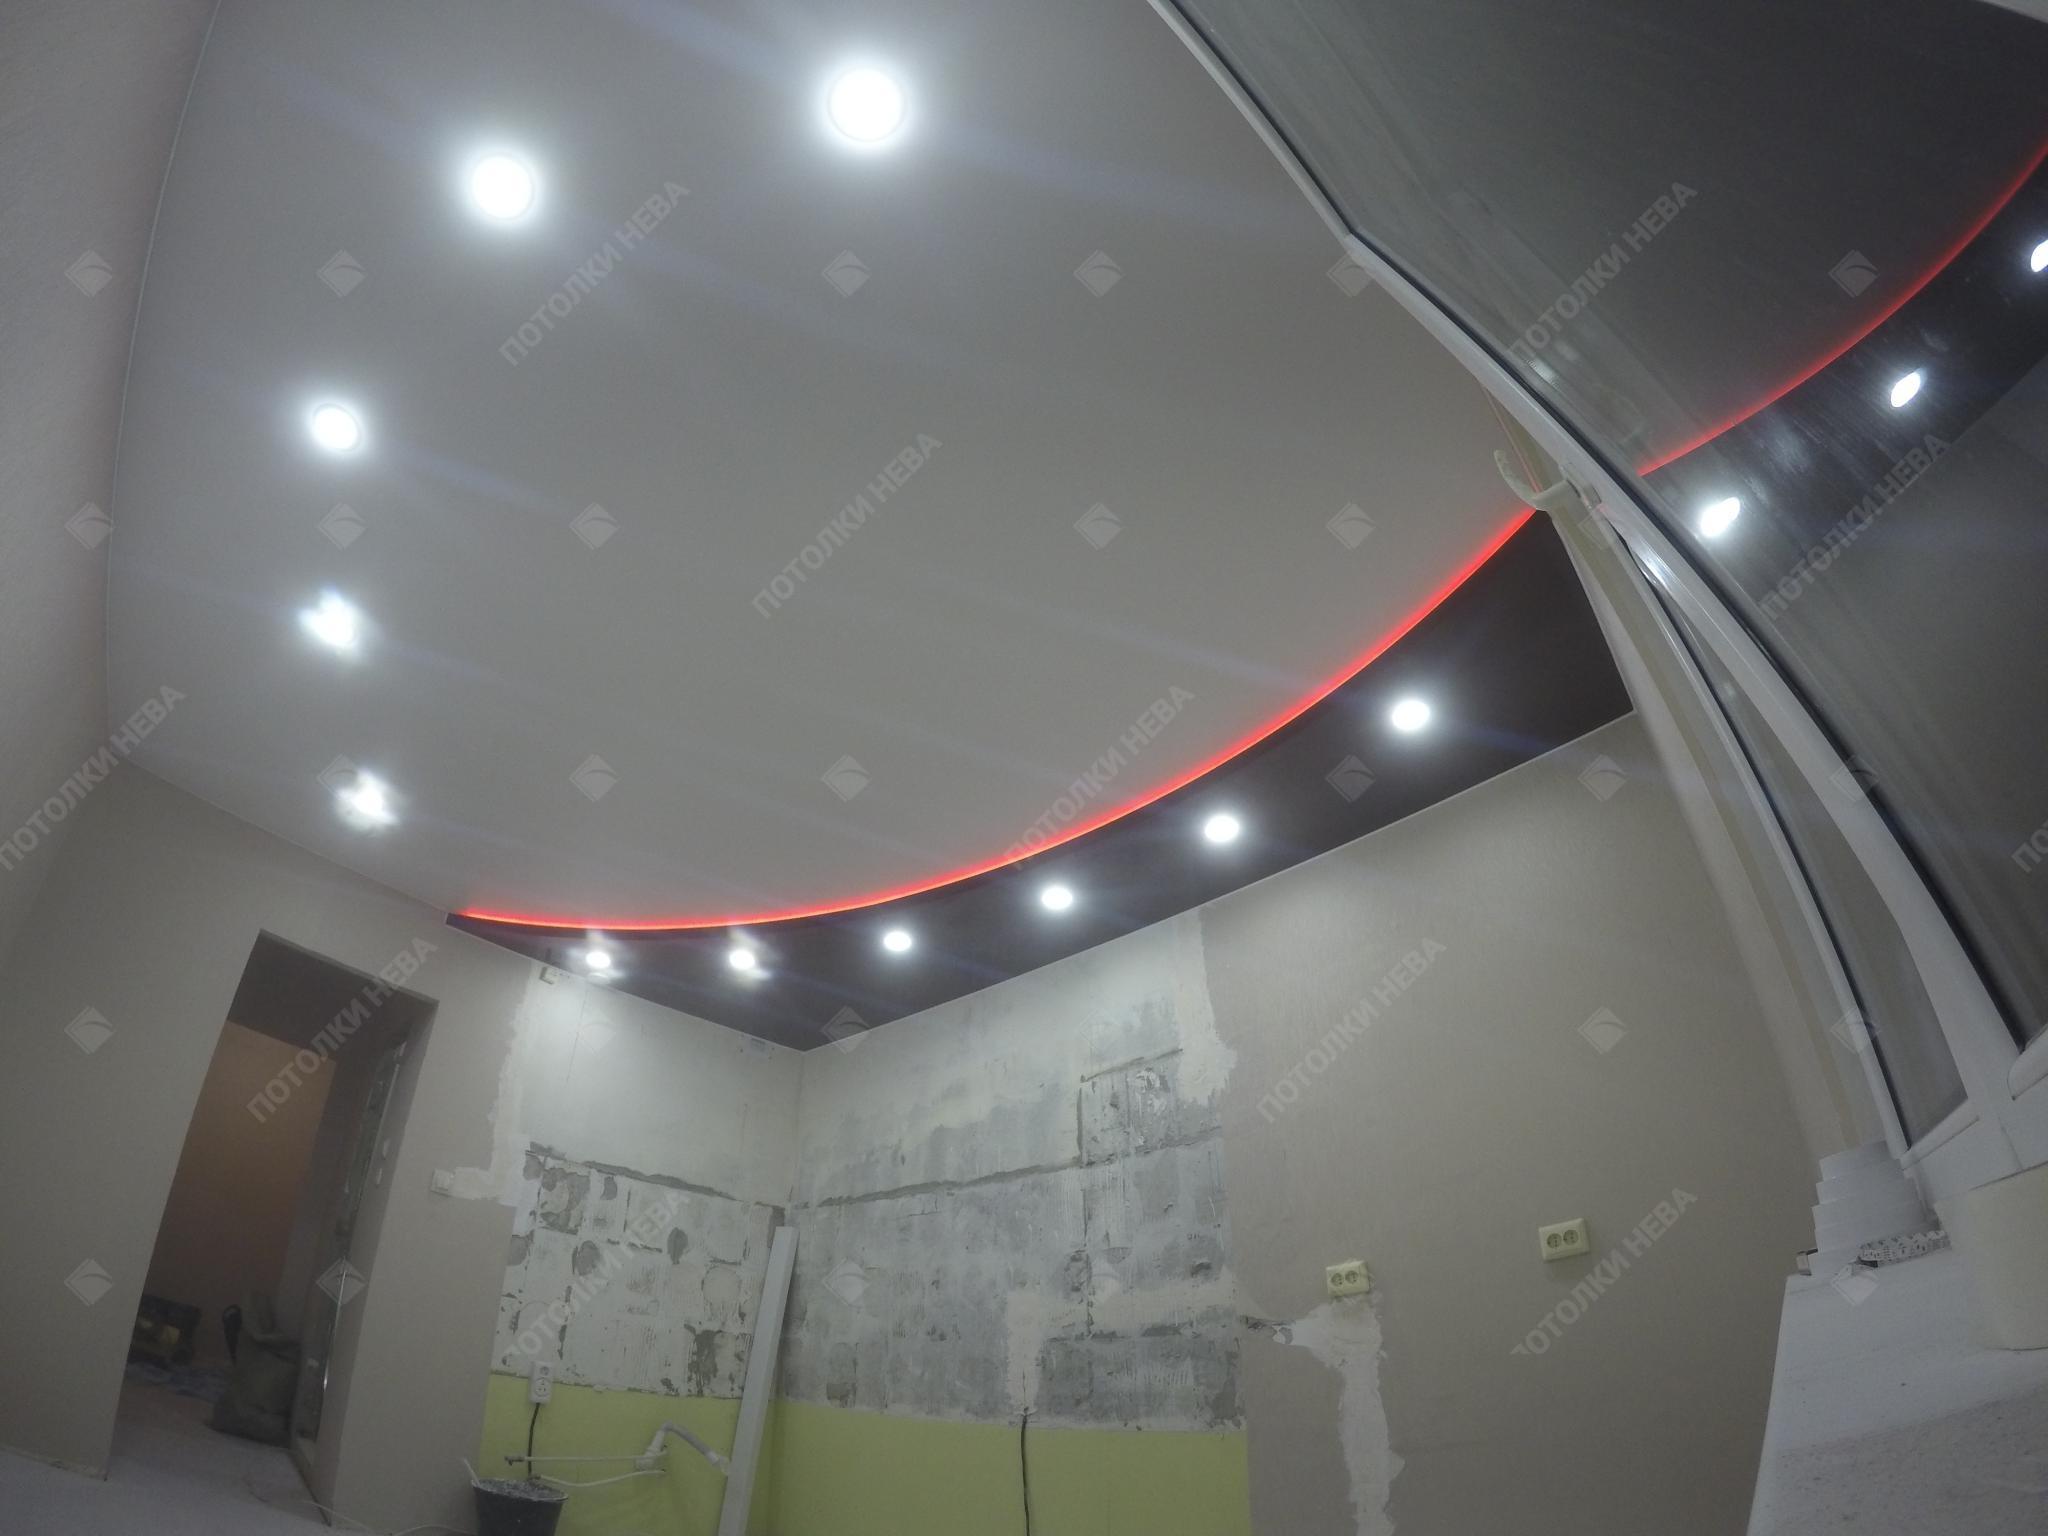 Светодиодный потолок из двух уровней